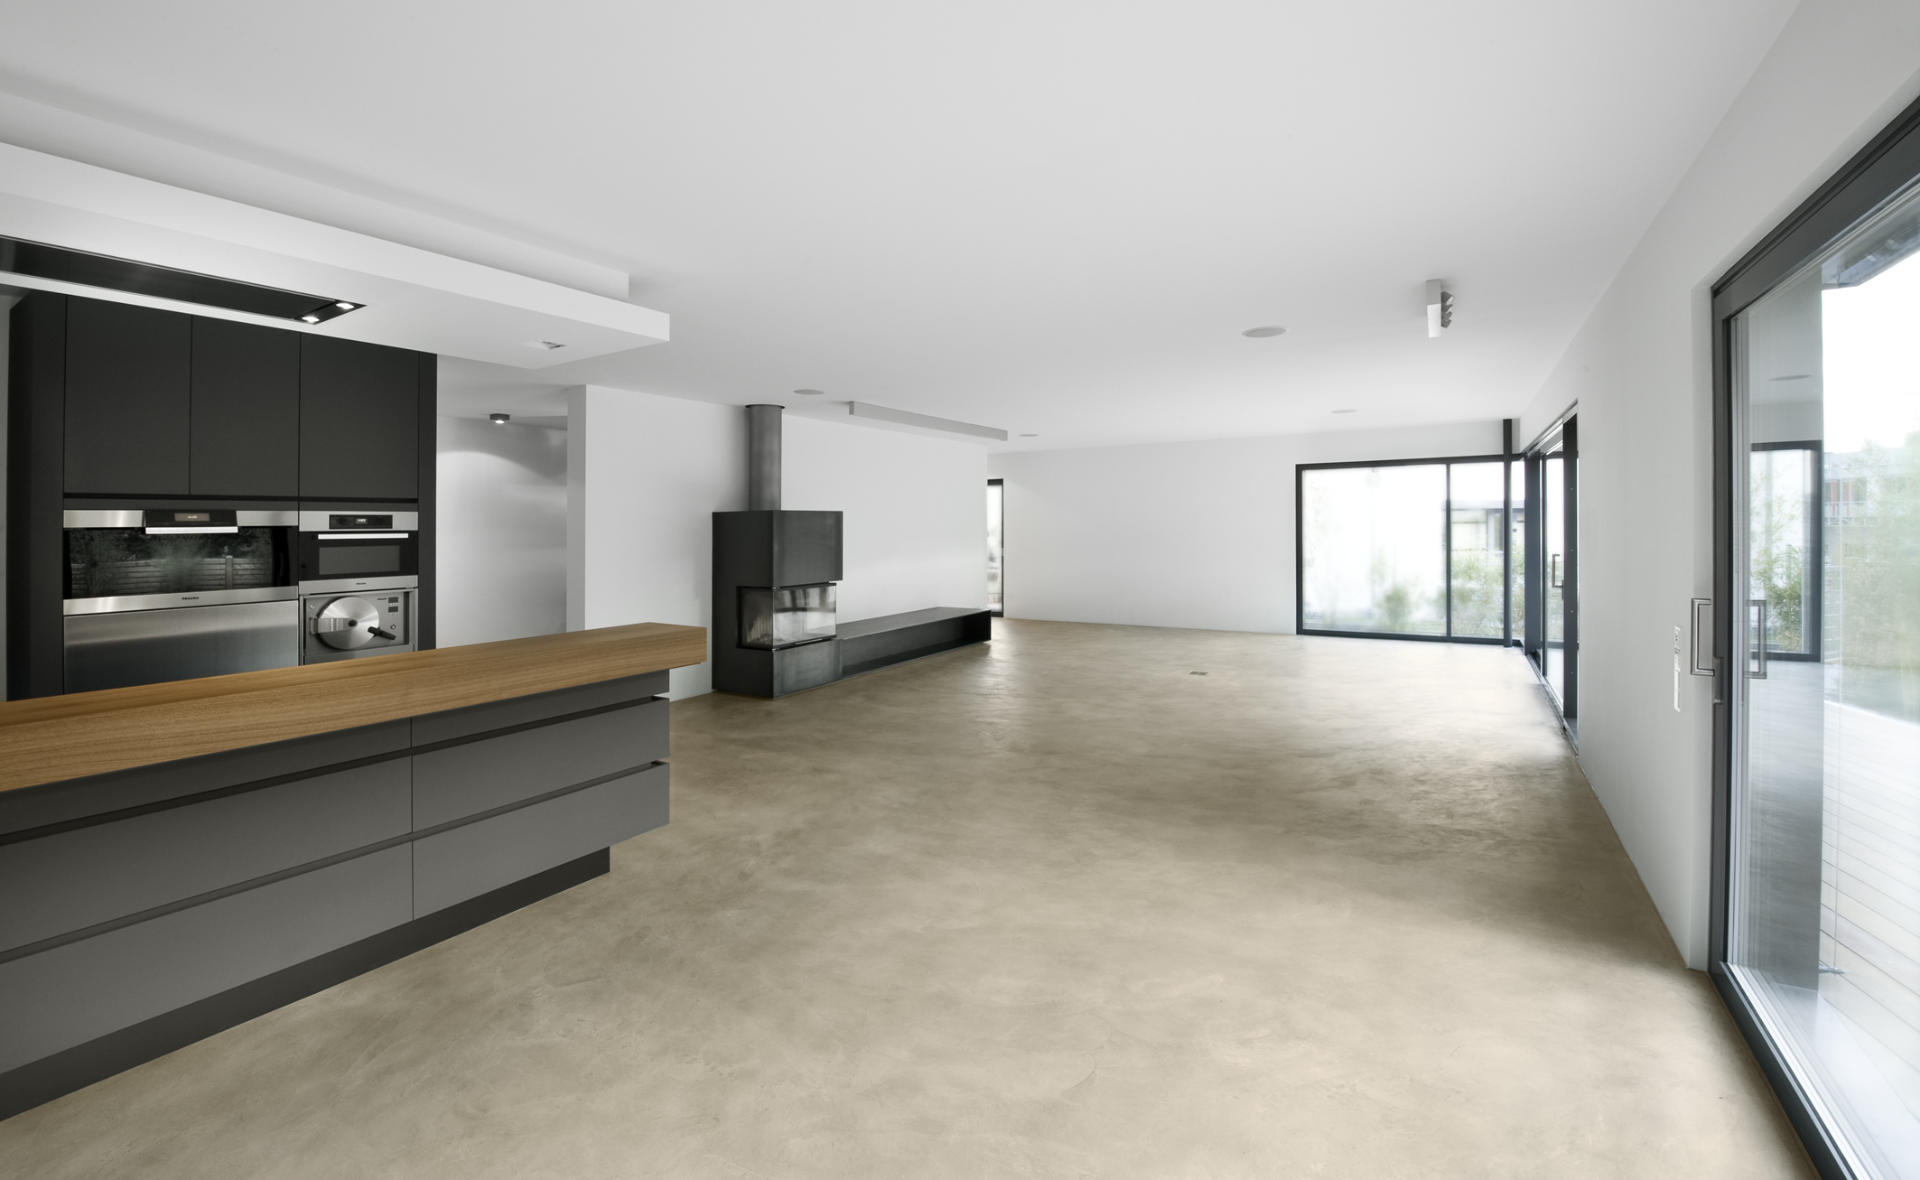 Wohnbereich und Küche mit einem gespachtelten Sichtestrichboden